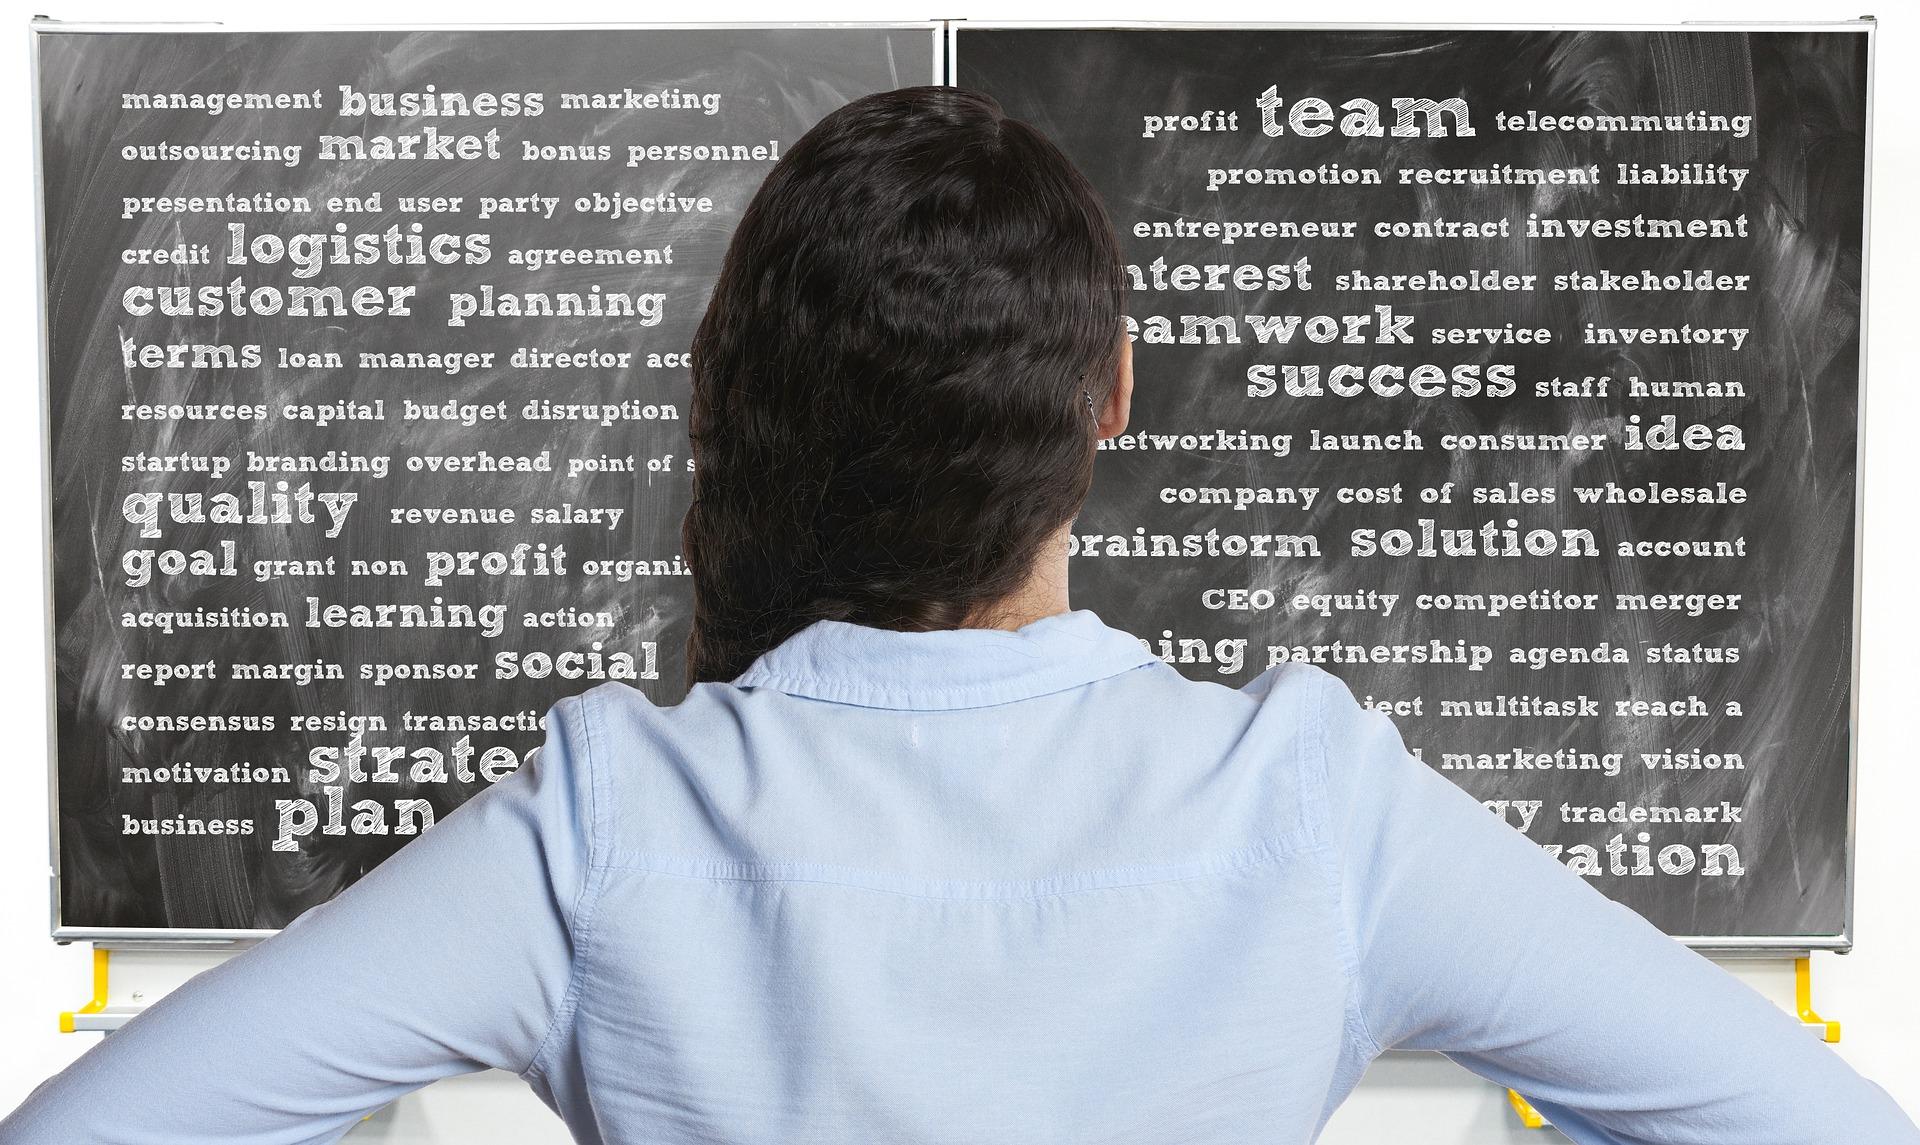 Comment gagner du temps dans la gestion quotidienne de votre entreprise?